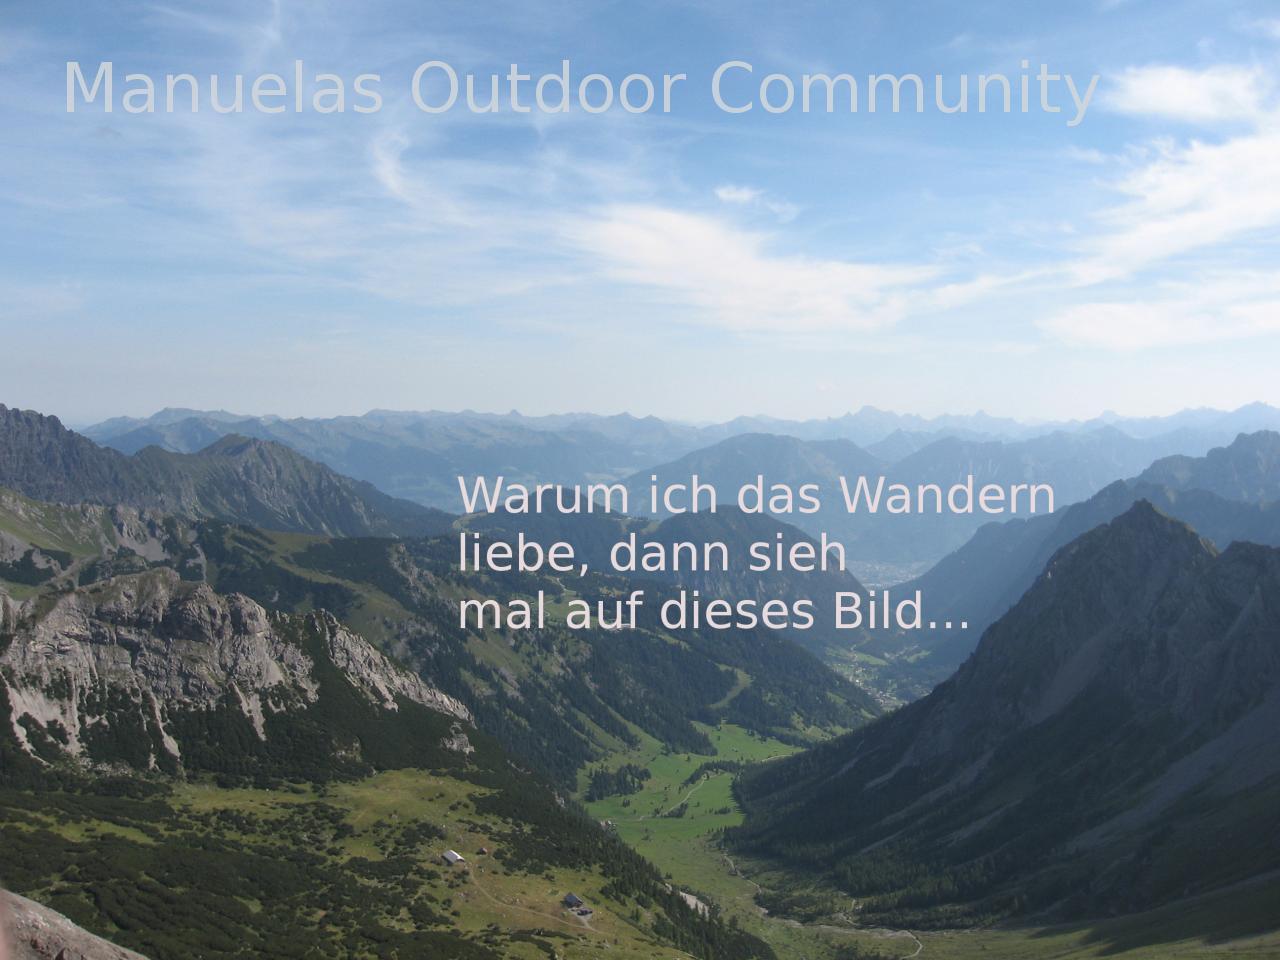 Wandern Aussicht Spruch Outdoor Community